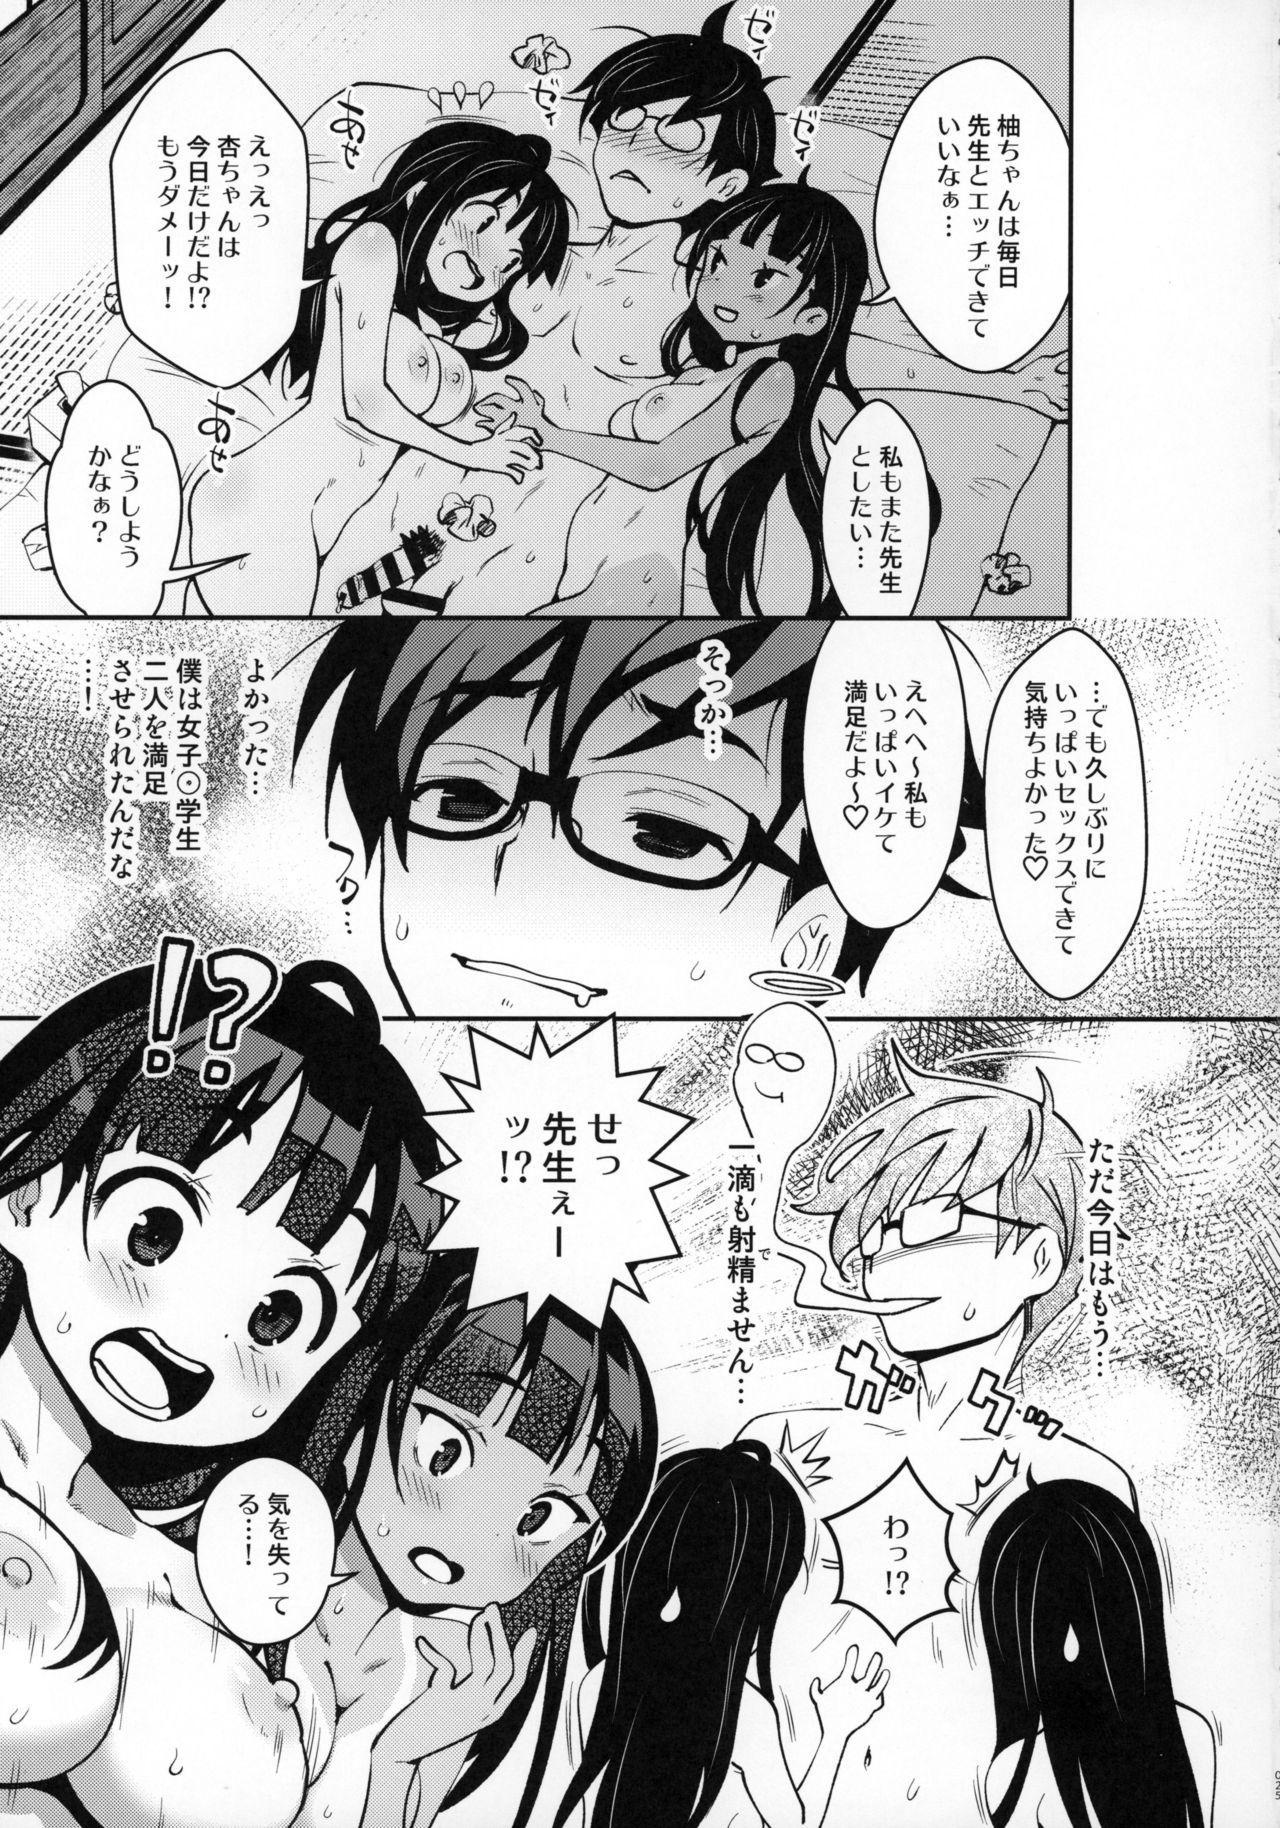 Inakax 4! Itoko no Anzu-chan to Nakayoshi 3P Hen 23